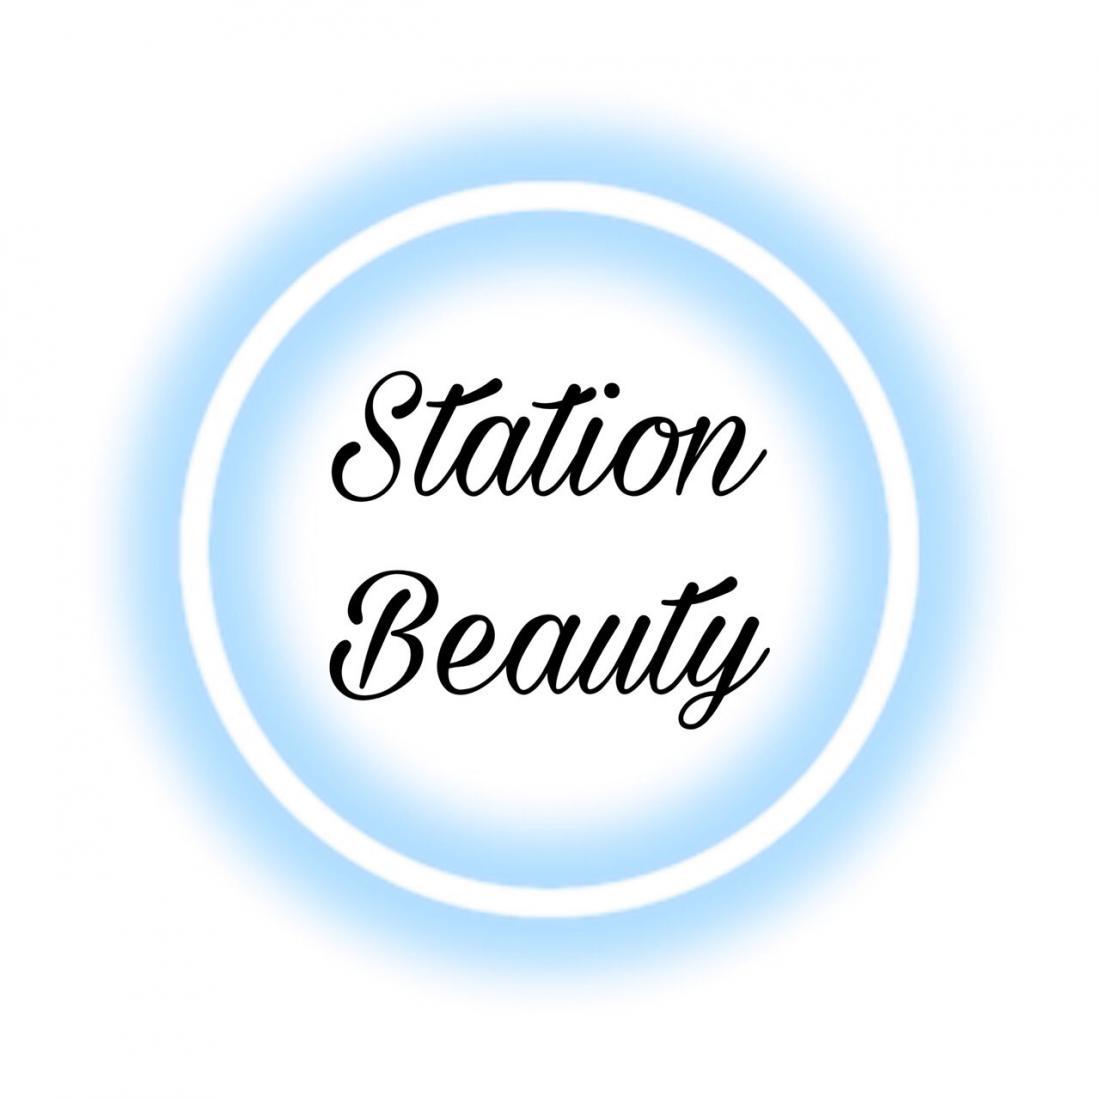 """Аппаратный/комбинированный маникюр или педикюр,обрезной маникюр, комплексы от 8 руб. в студии красоты """"Station Beauty"""""""